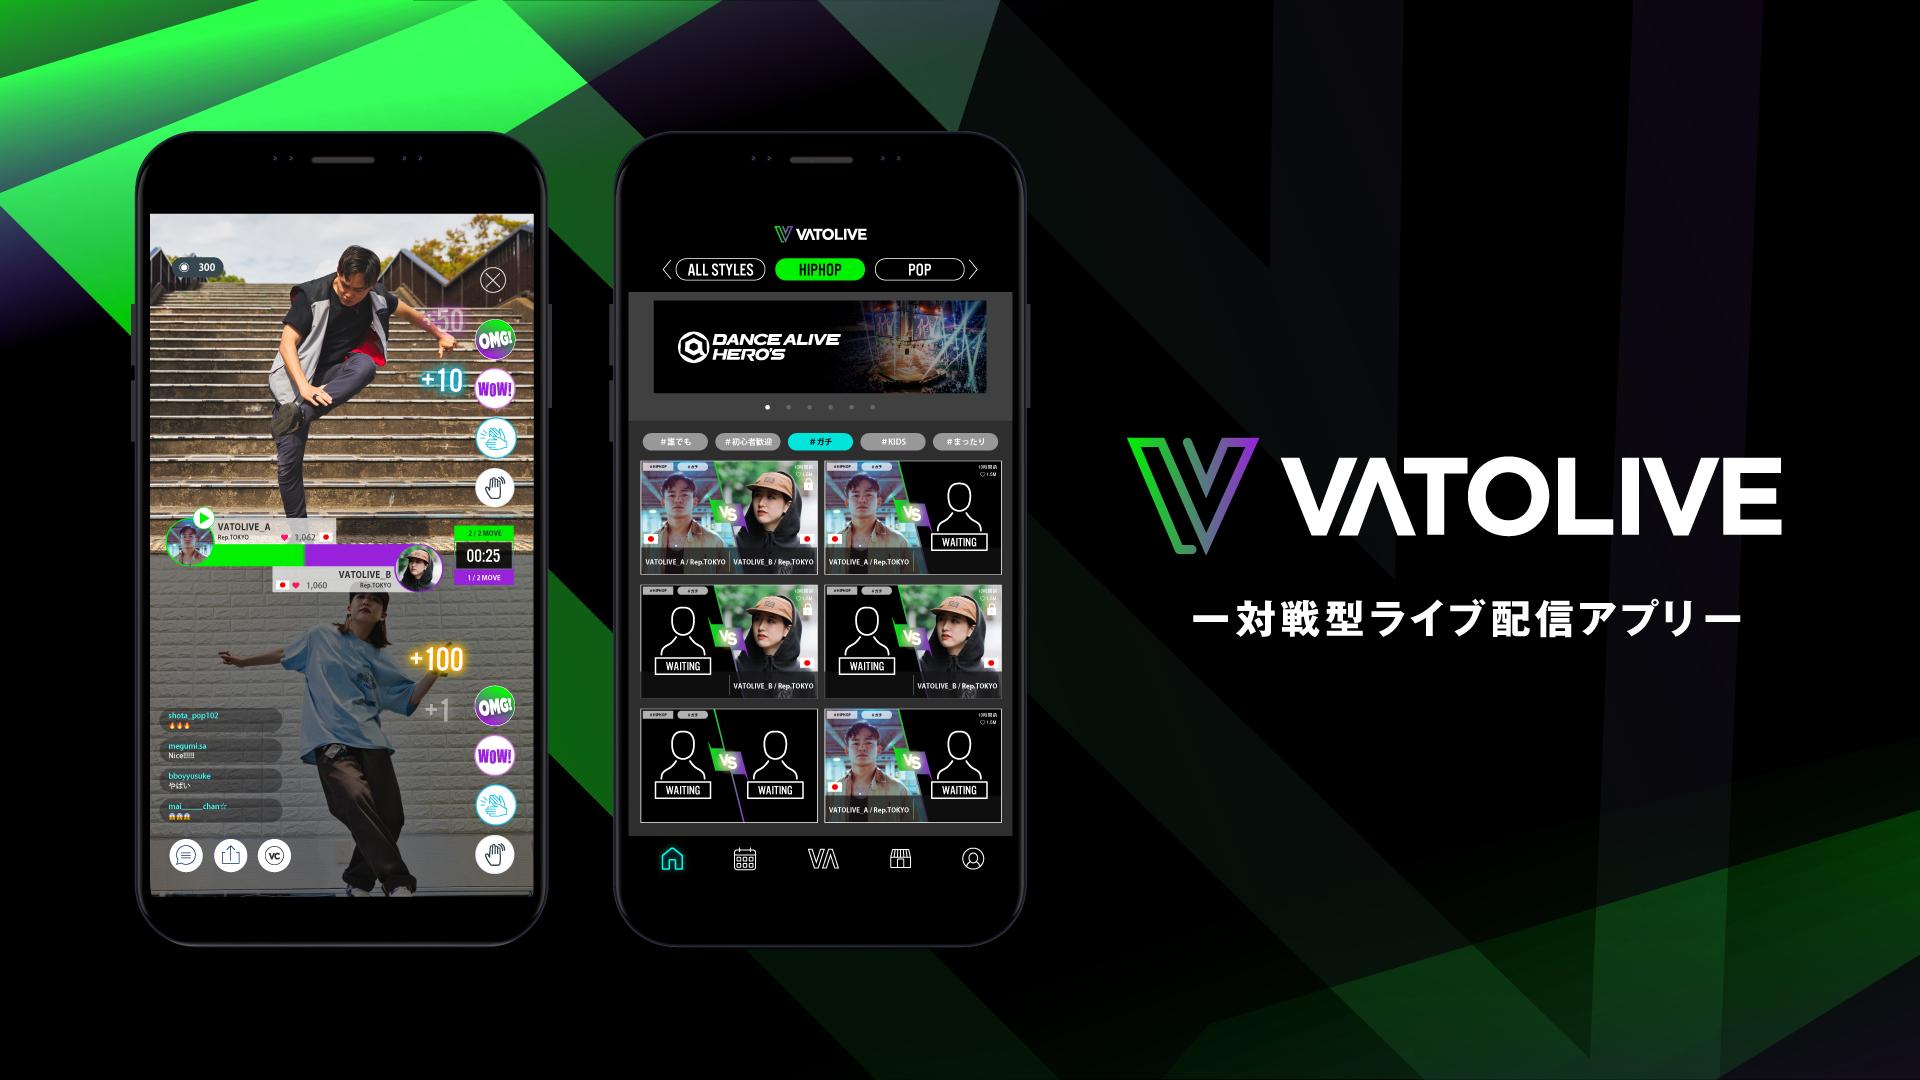 対戦型ライブ配信アプリ 「VATOLIVE(バトライブ)」のサービスを開始!